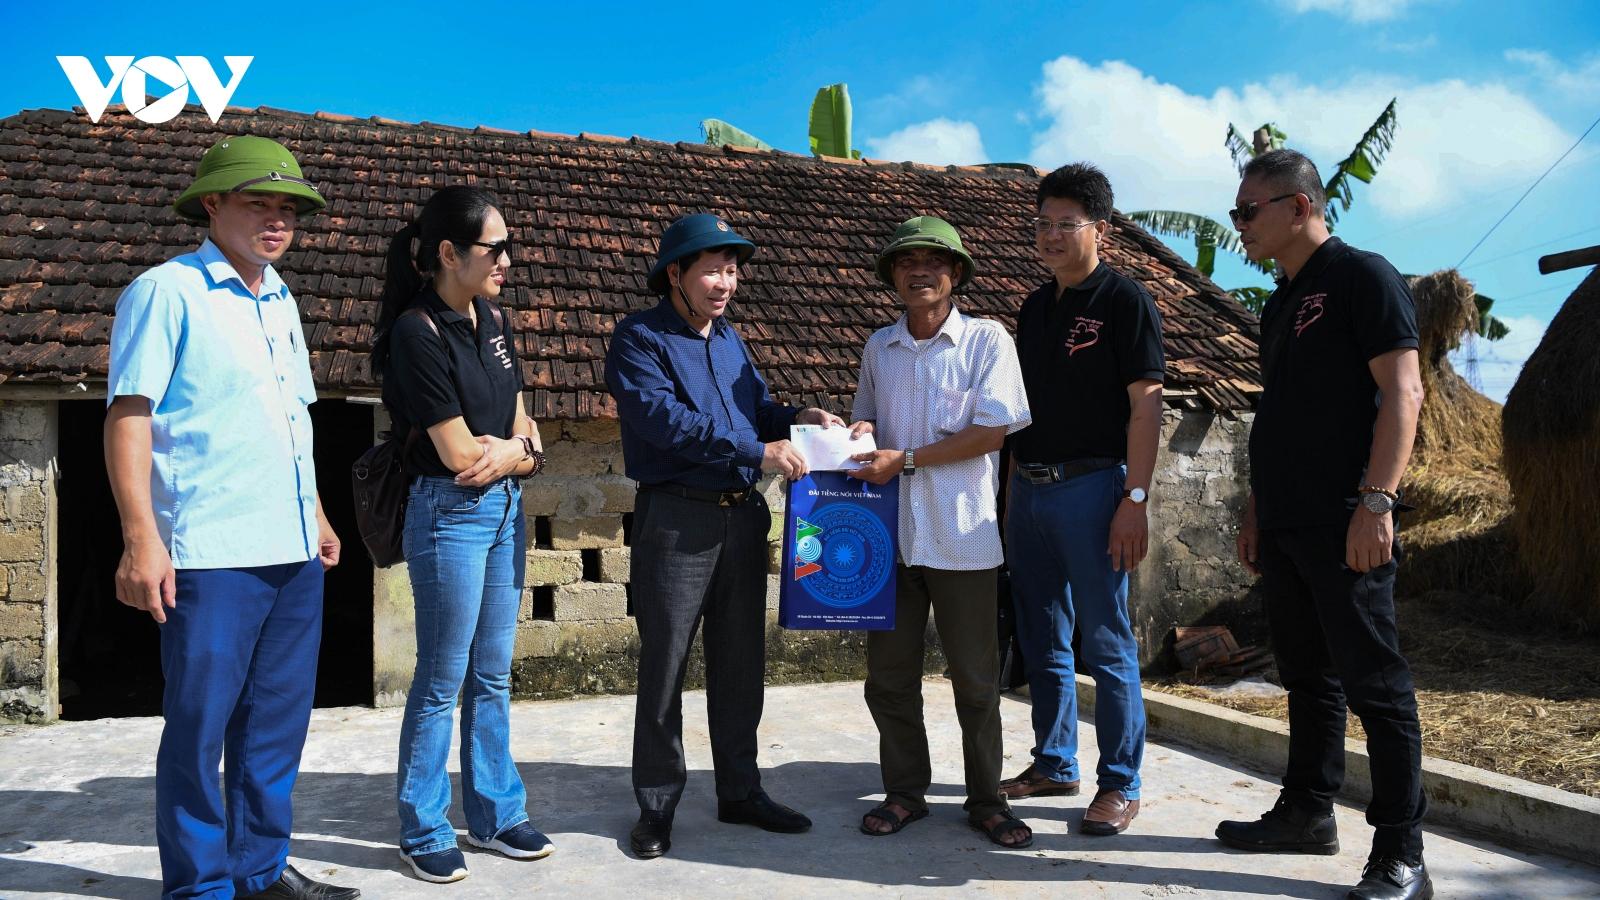 Đoàn thiện nguyện của VOV trao 200 suất quà ủng hộ người dân vùng lũ Nghệ An